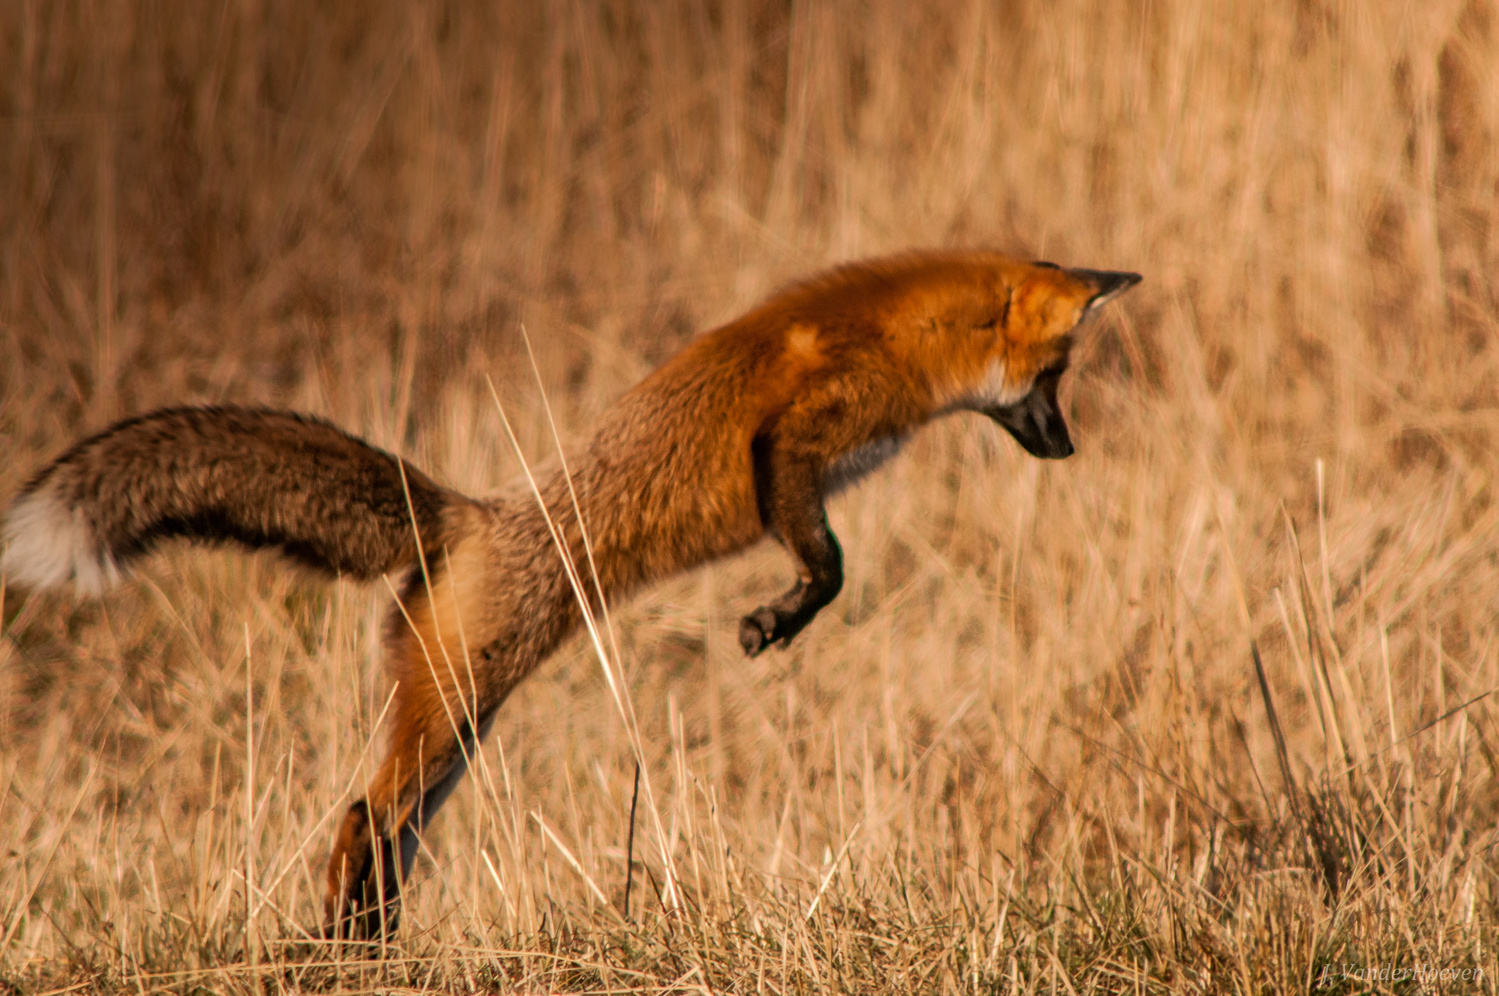 The Leap by Jake VanderHoeven